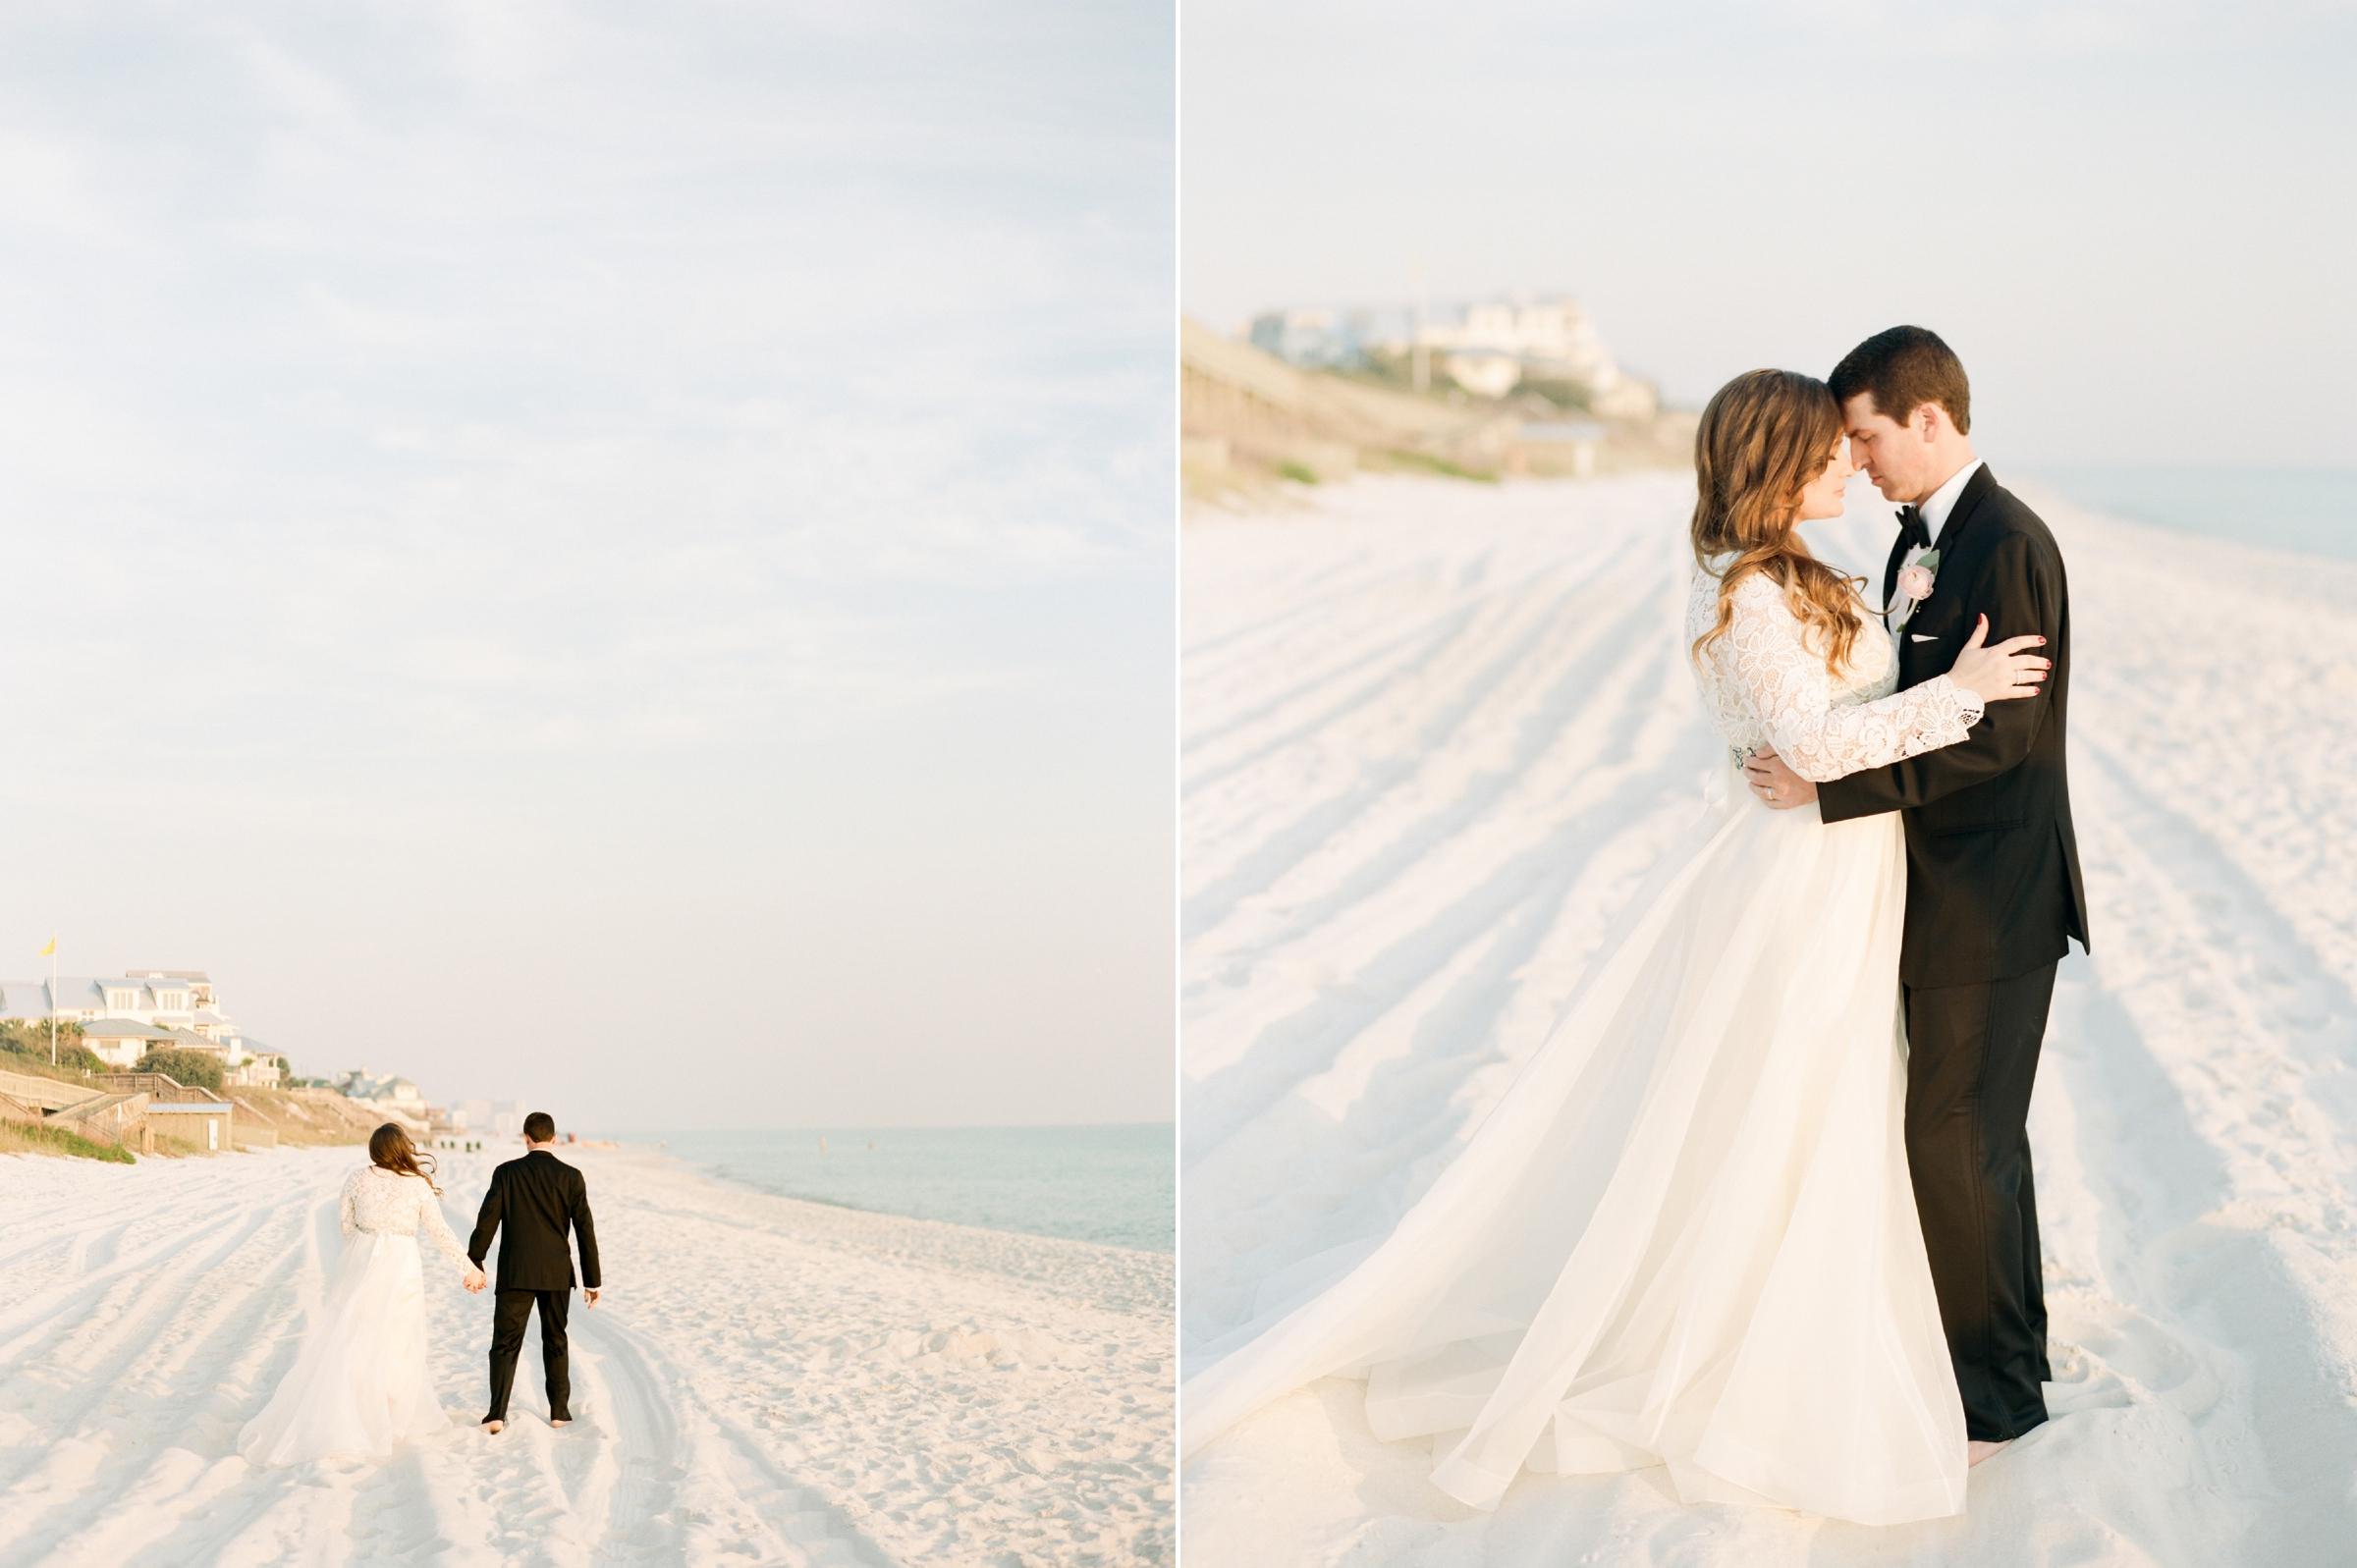 rosemary_beach_wedding_photographer_shannon_griffin_0046.jpg